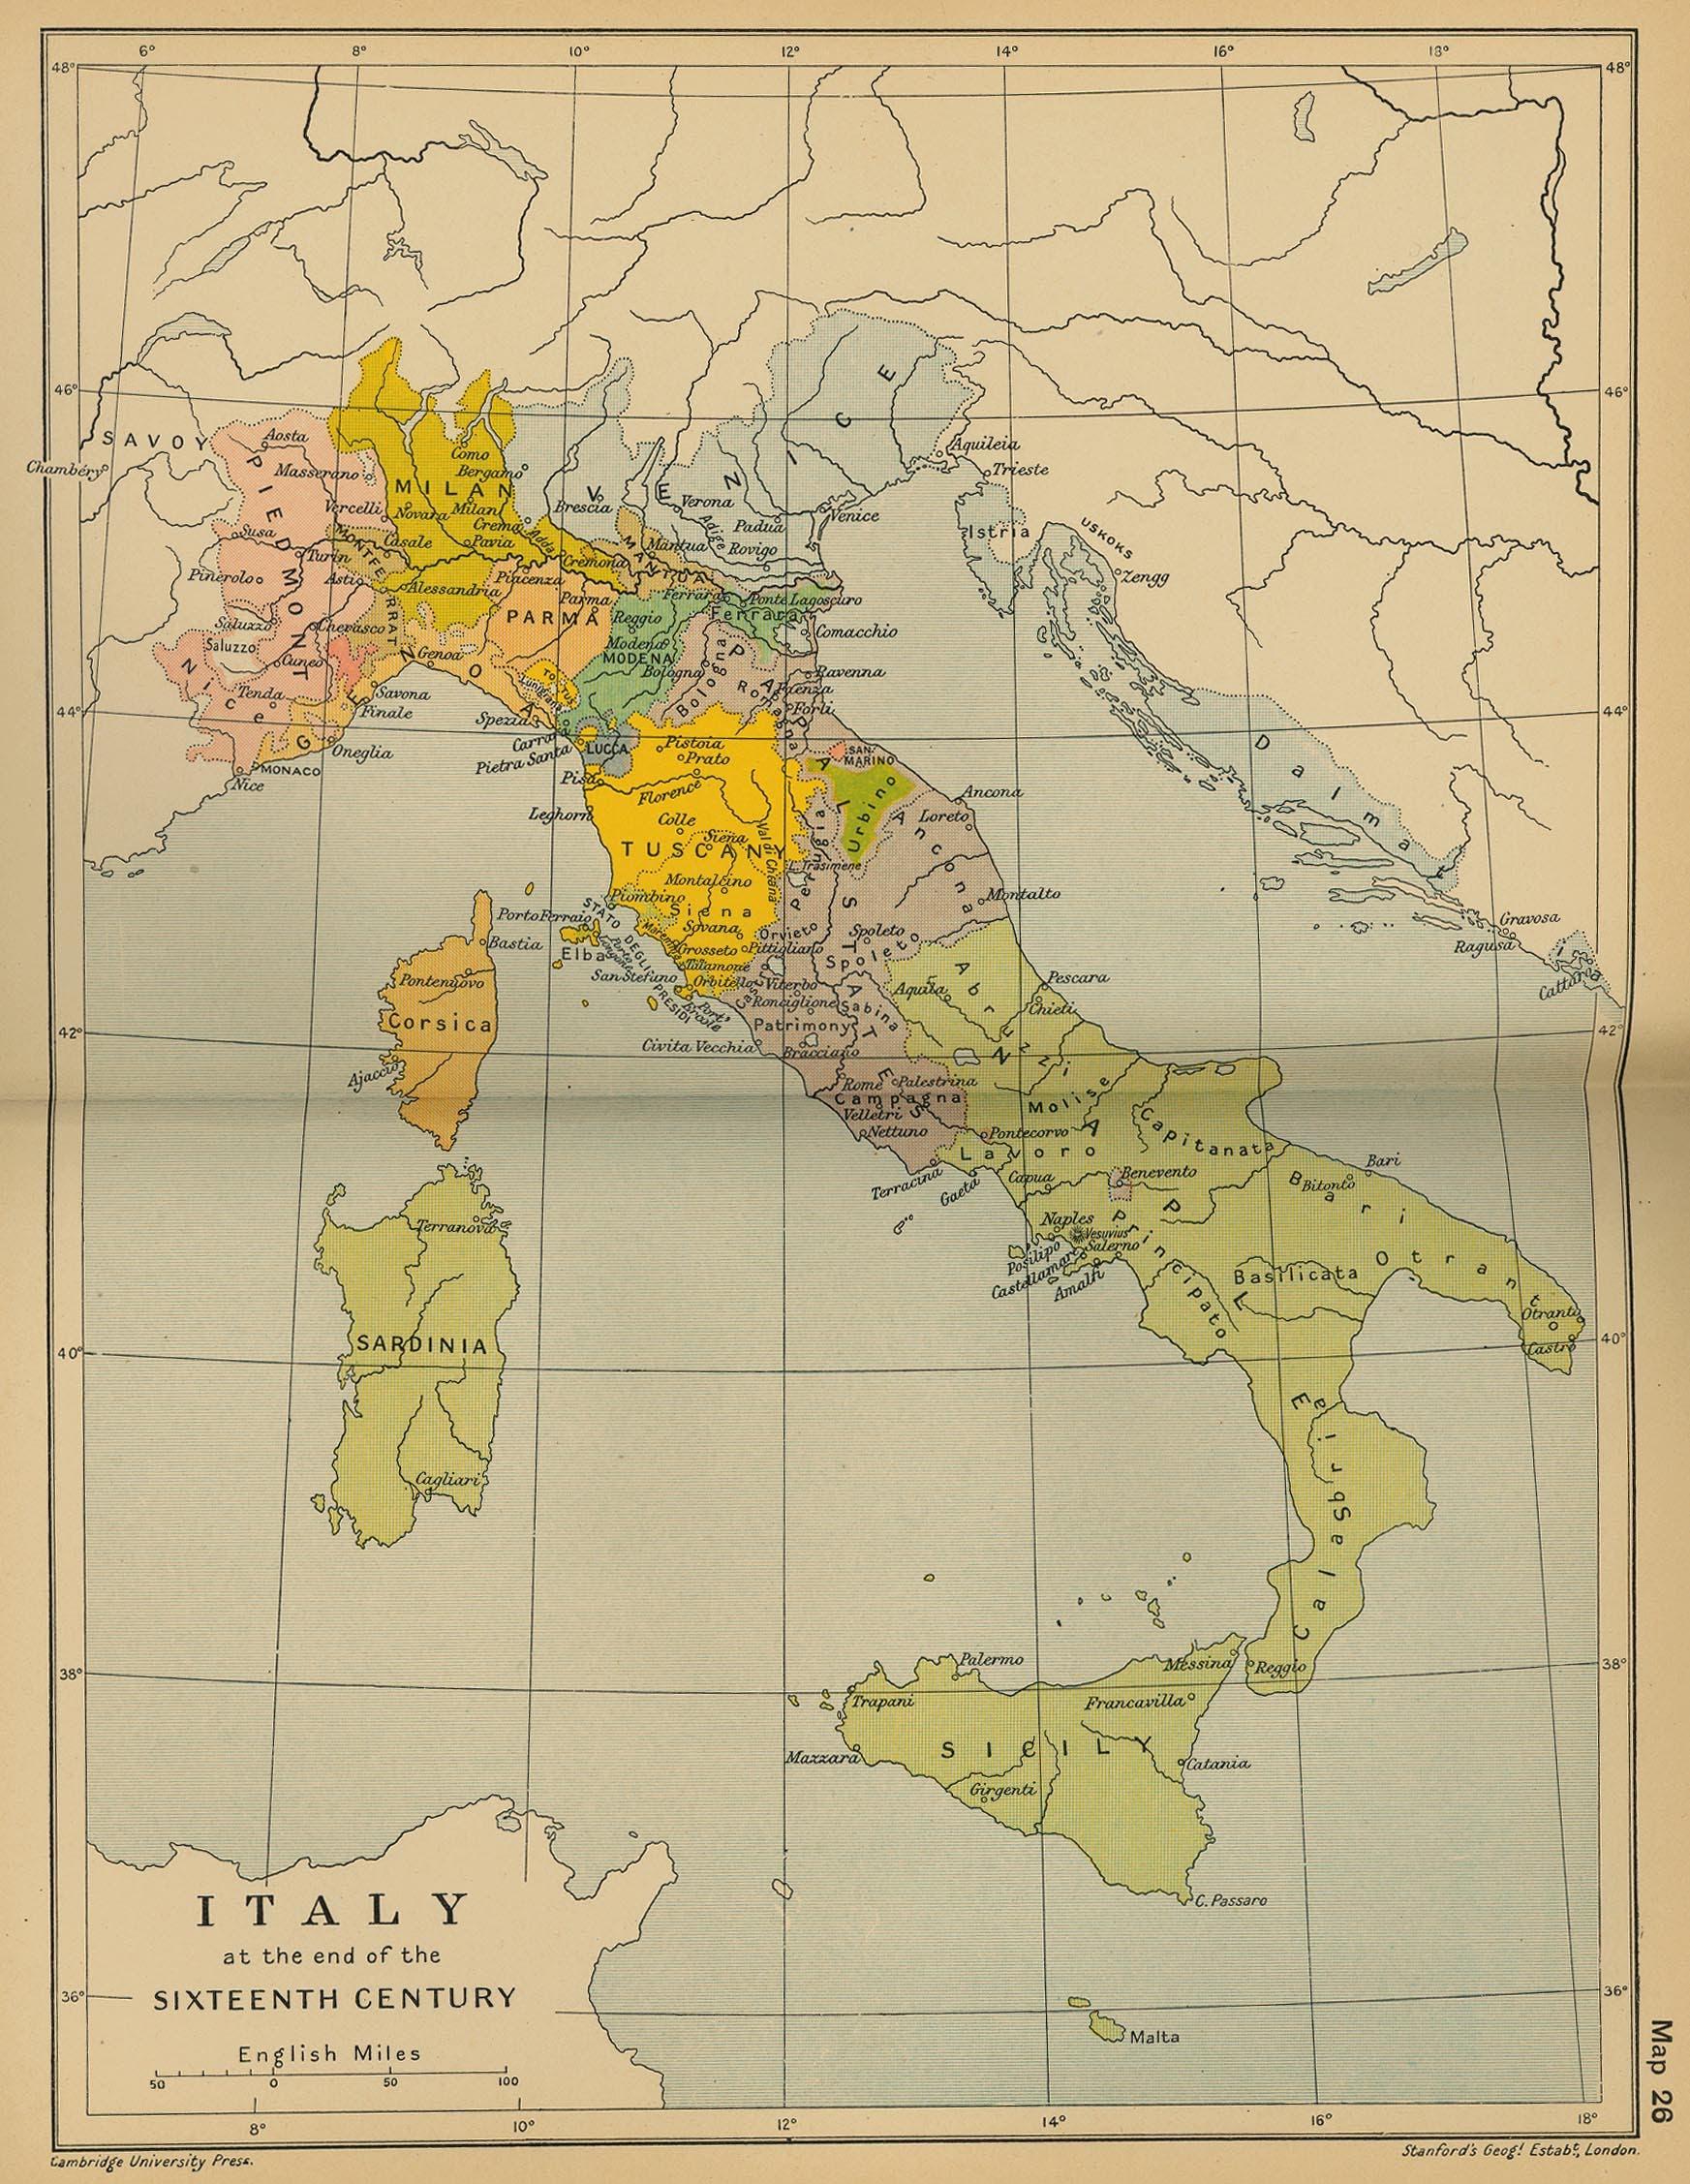 خريطة إيطاليا خلال القرن السادس عشر